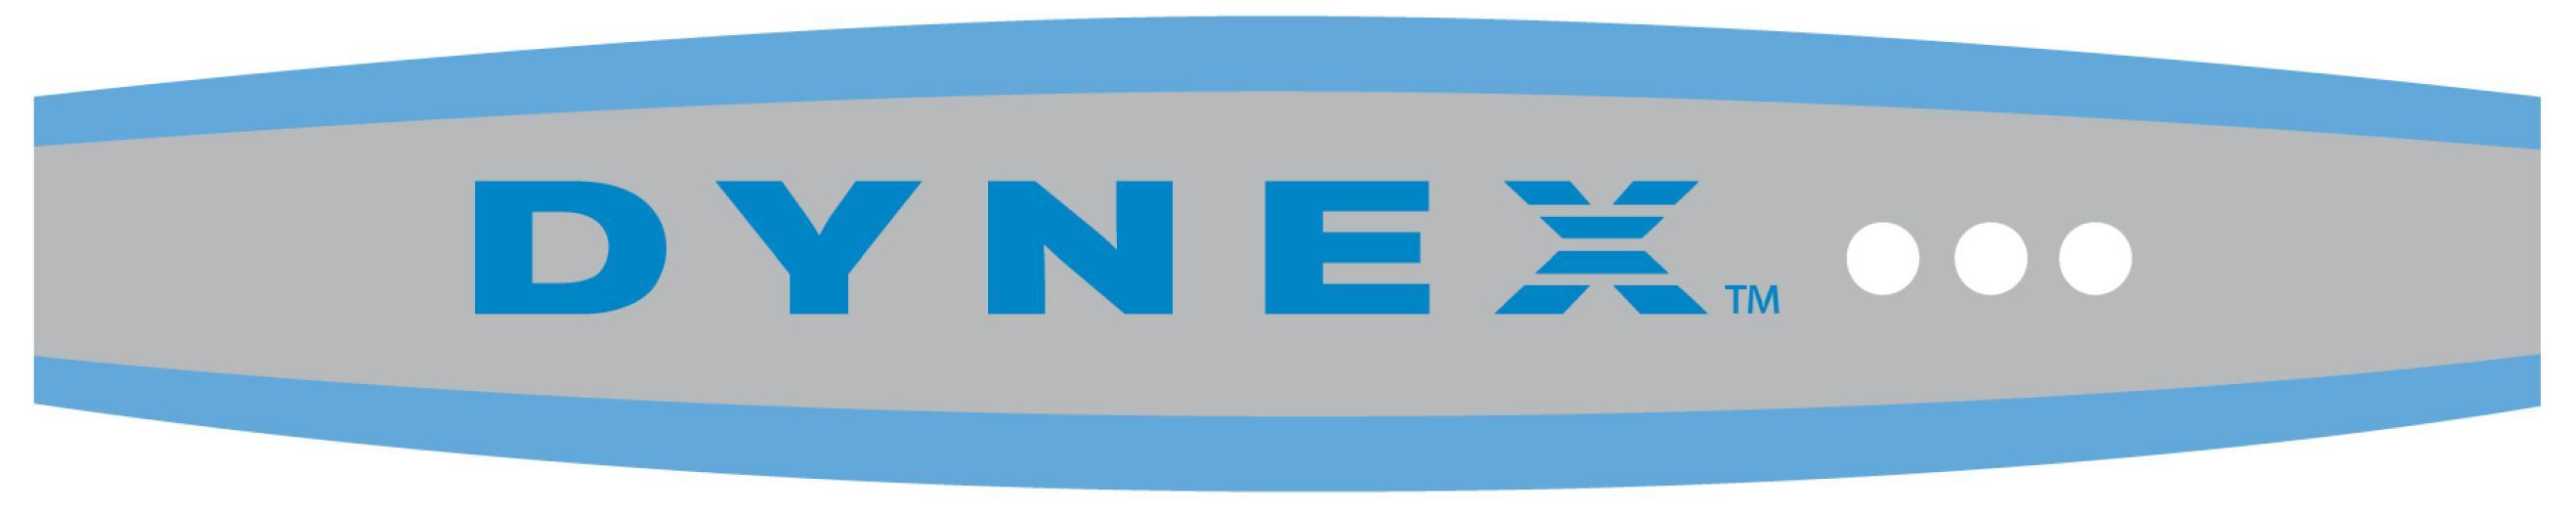 Dynex Logo [PDF] png